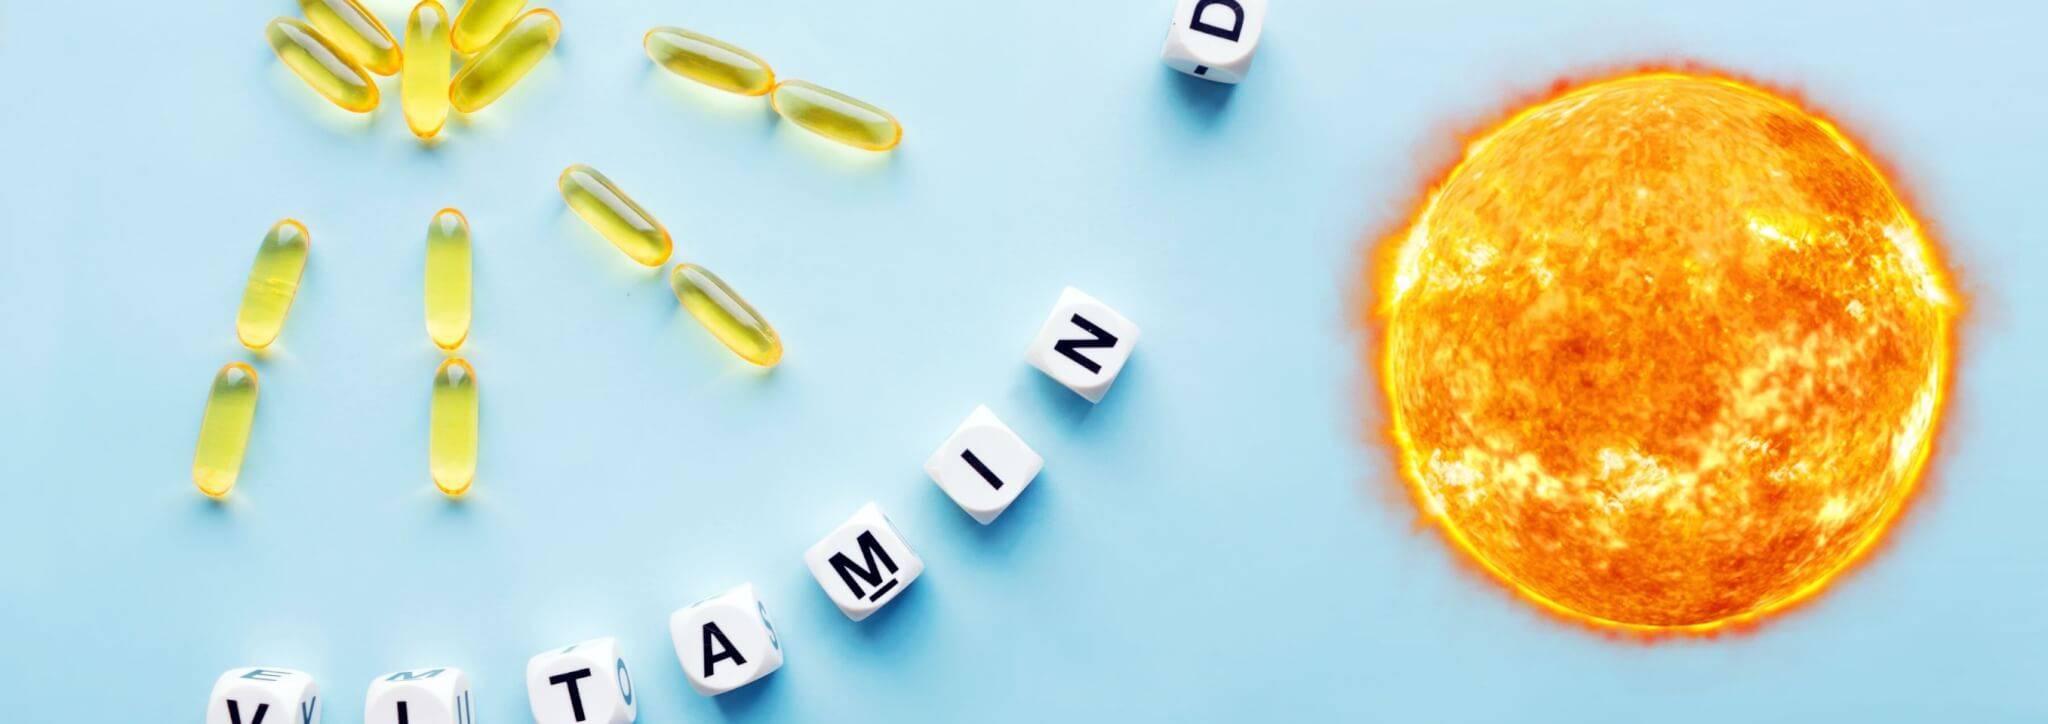 zonlicht vitamine D